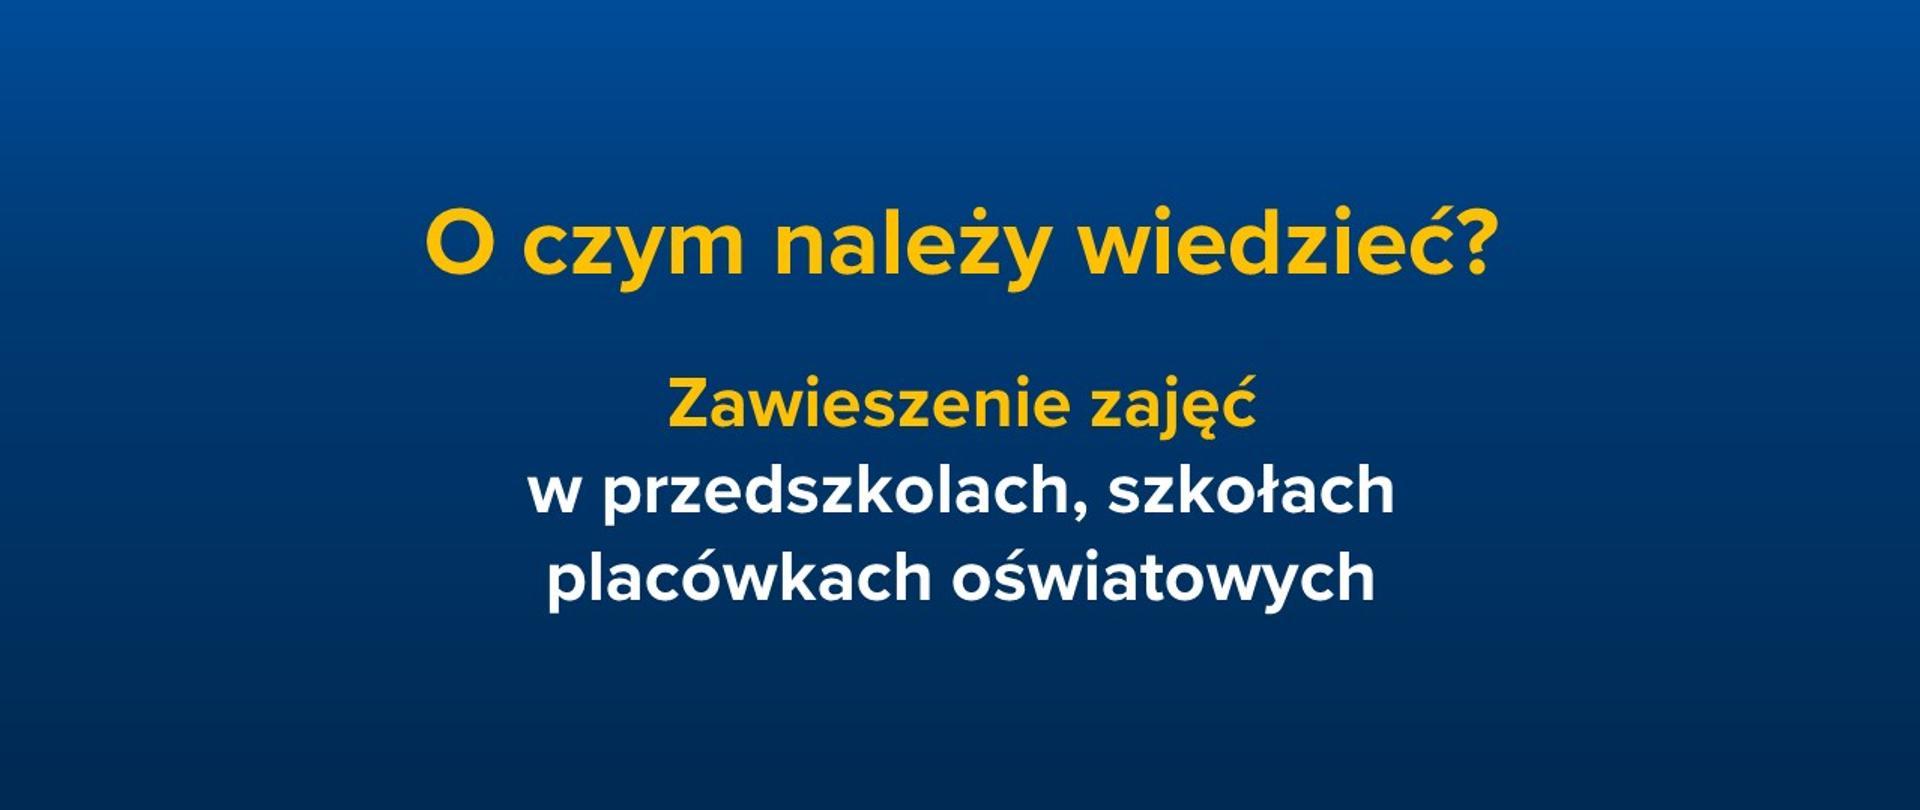 Grafika z tekstem: O czym należy wiedzieć? Zawieszenie zajęć w szkołach, przedszkolach, placówkach oświatowych. Tekst jest na ciemnoniebieskim tle.